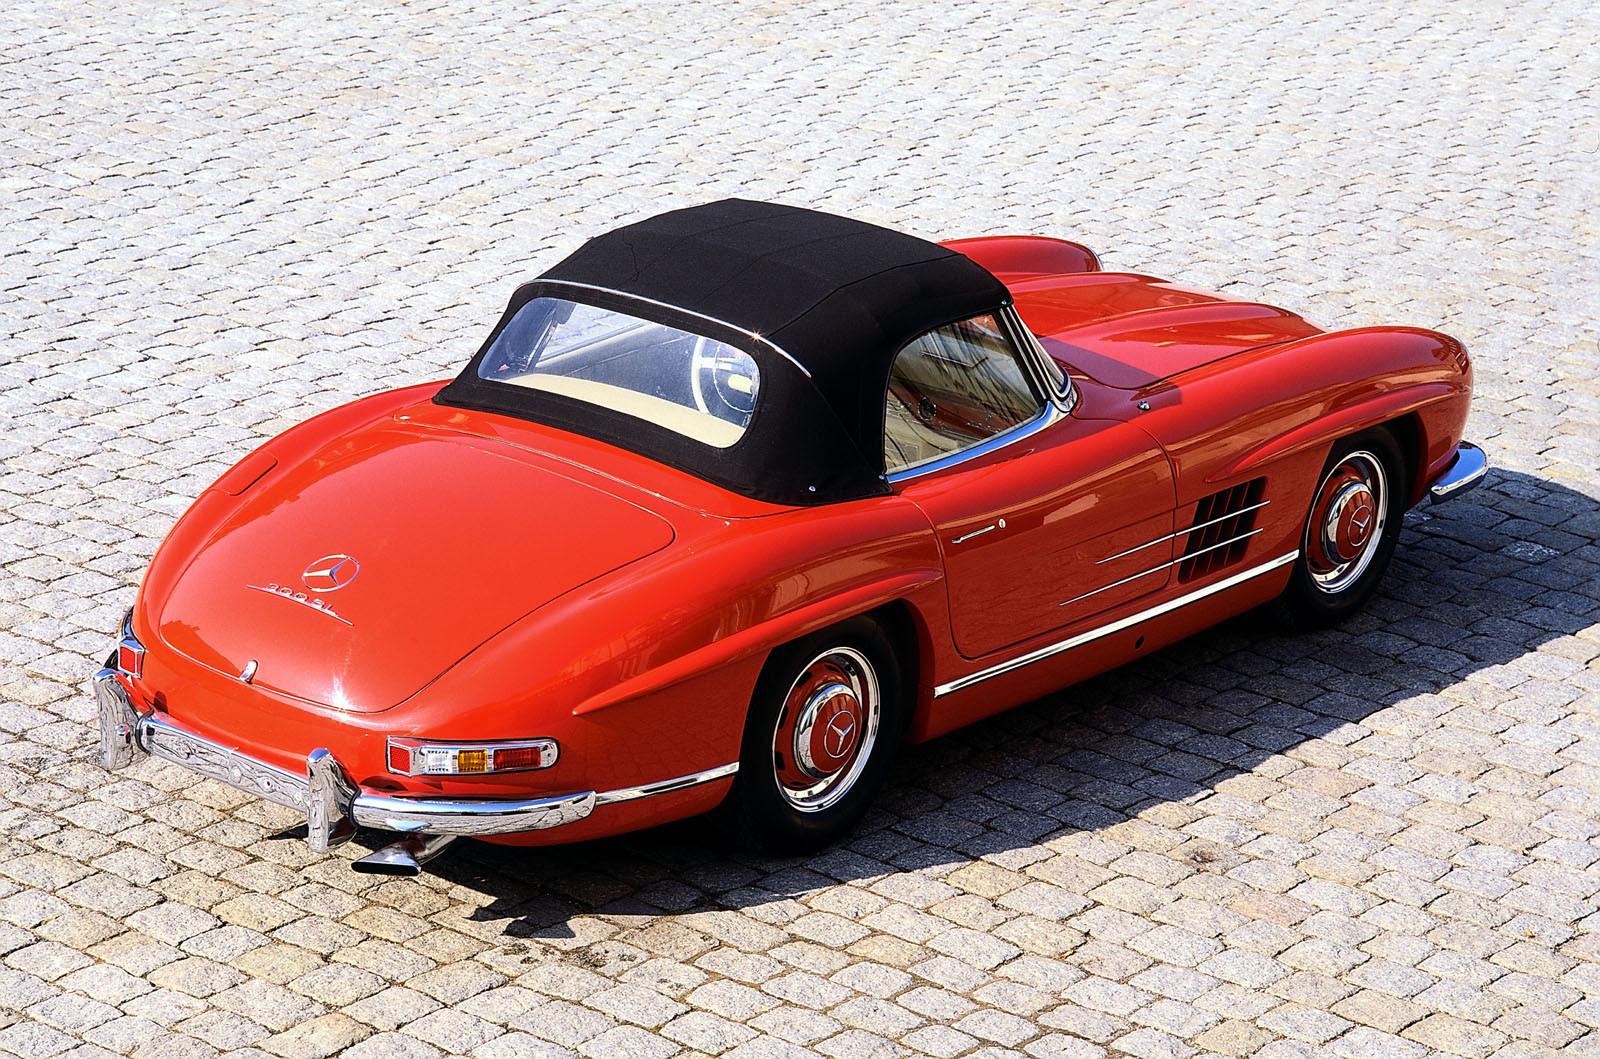 Foto de Mercedes 300 SL Roadster (60 aniversario) (18/21)